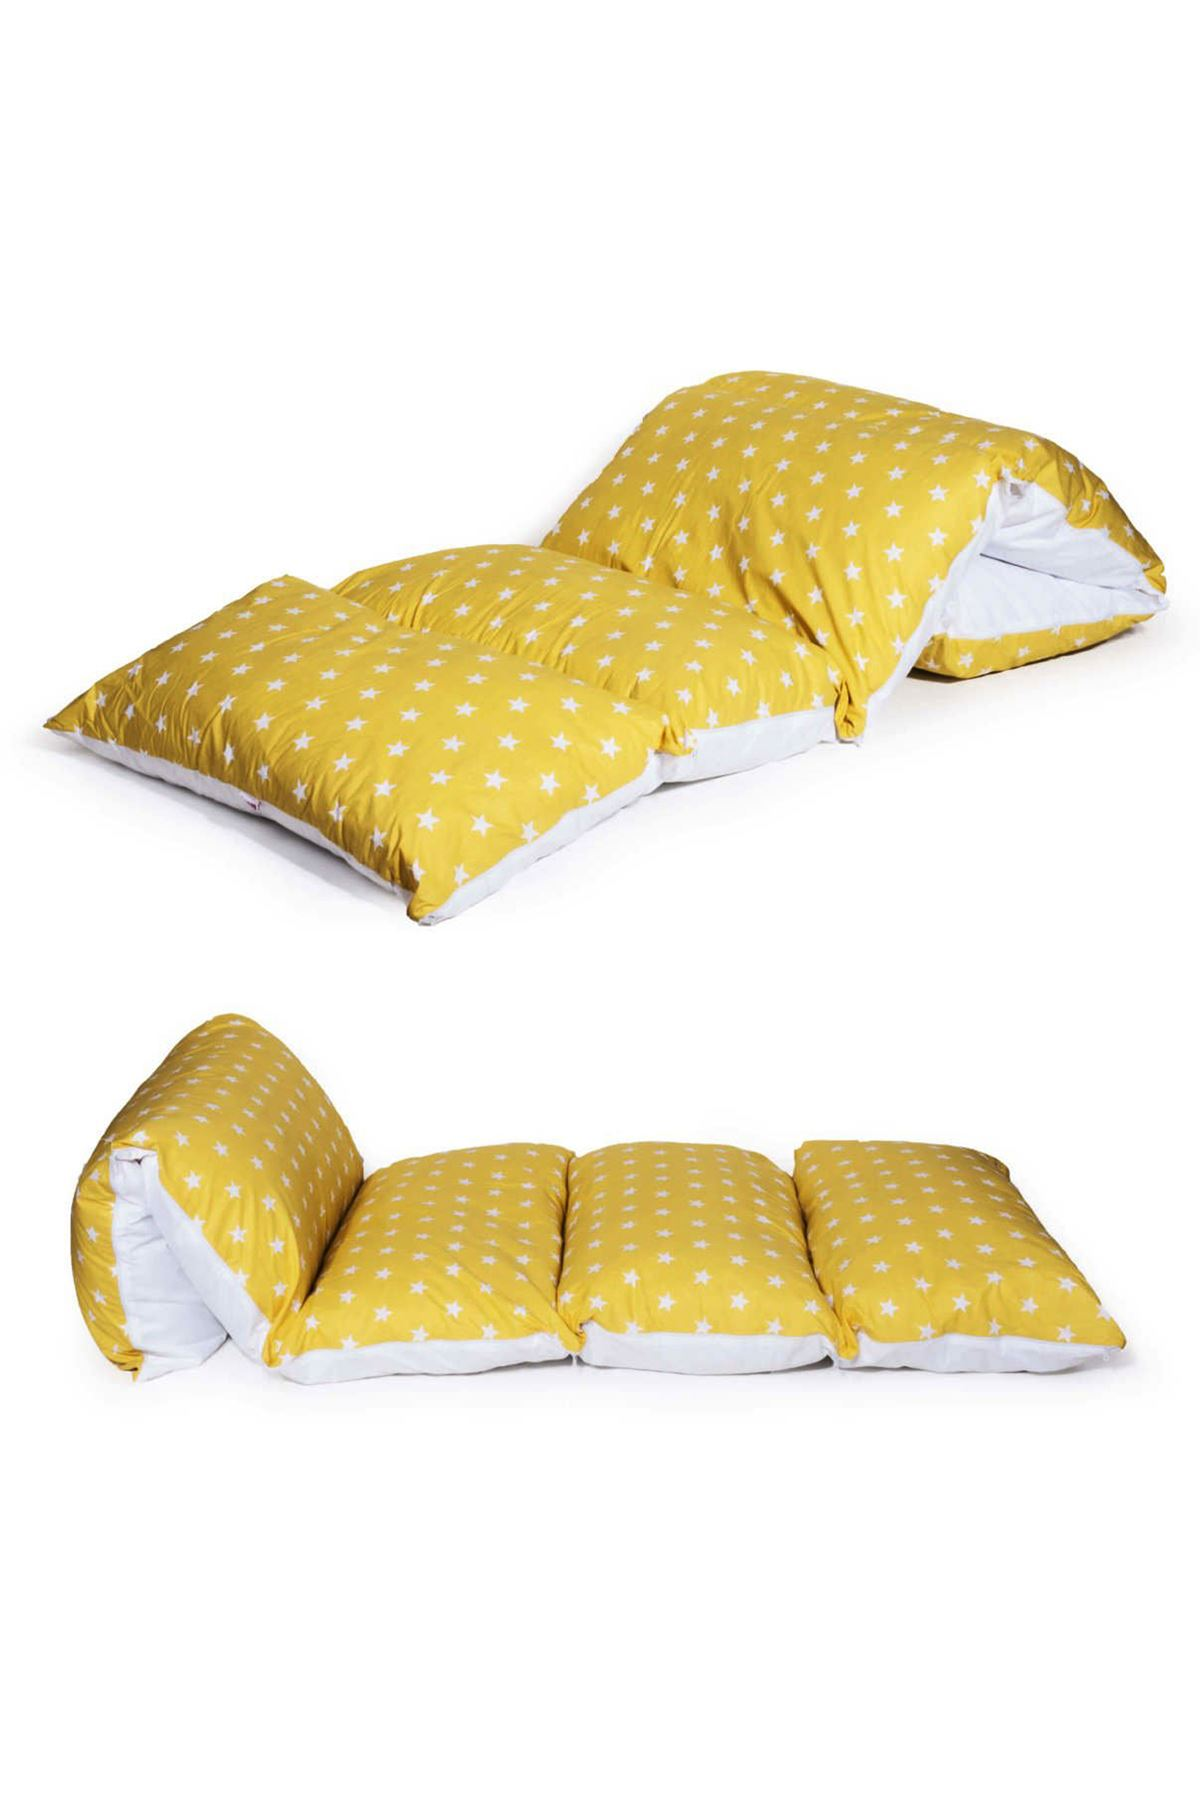 Sarı Bundera Puf Katlanabilir Yer Minderi Yastık Çocuk Bebek Yer Yatağı